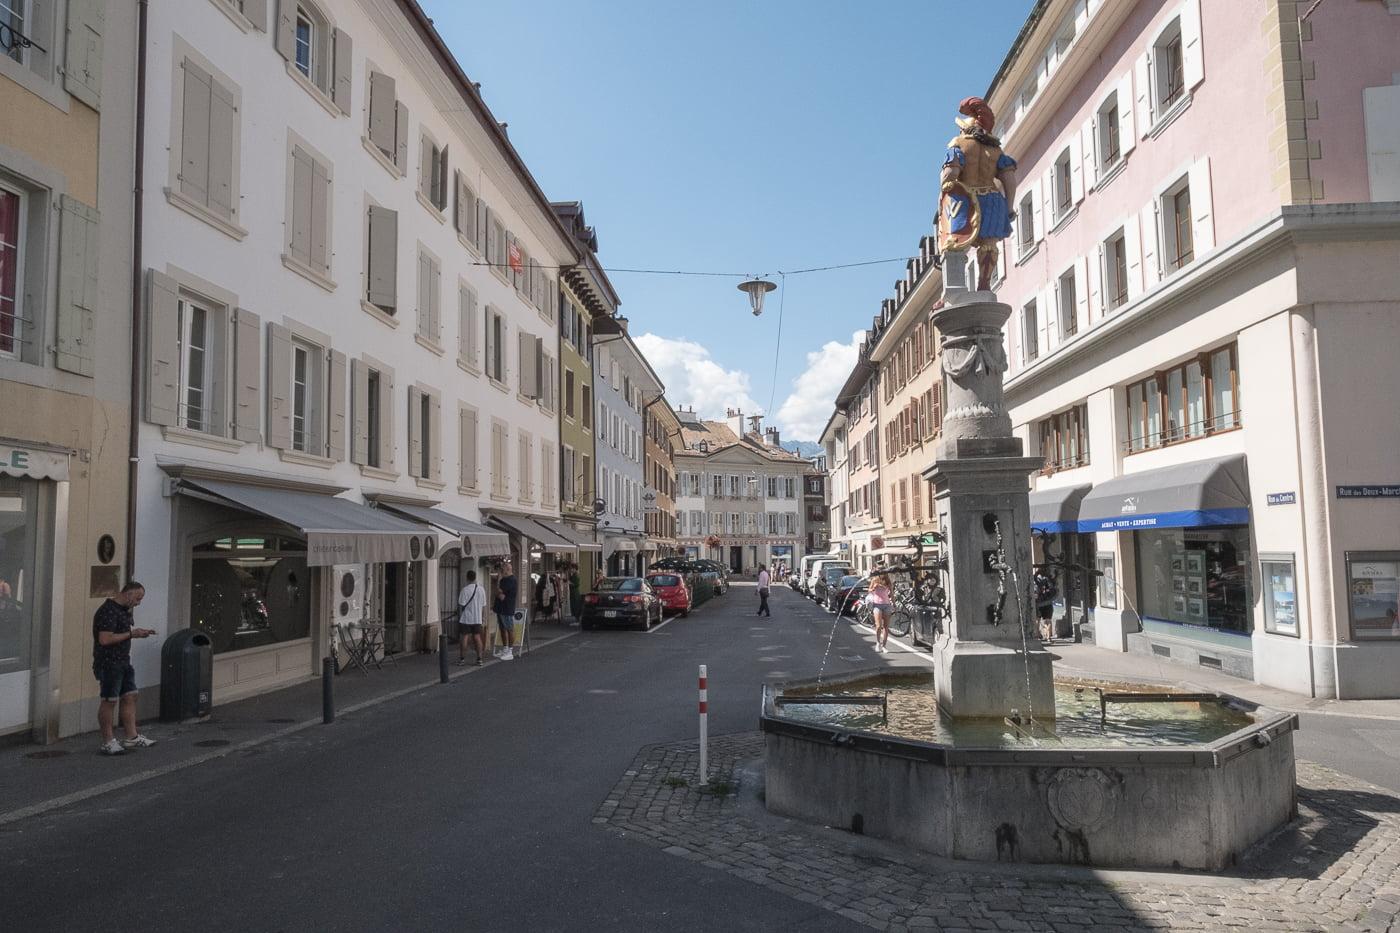 Brunnen in der Altstadt Vevey